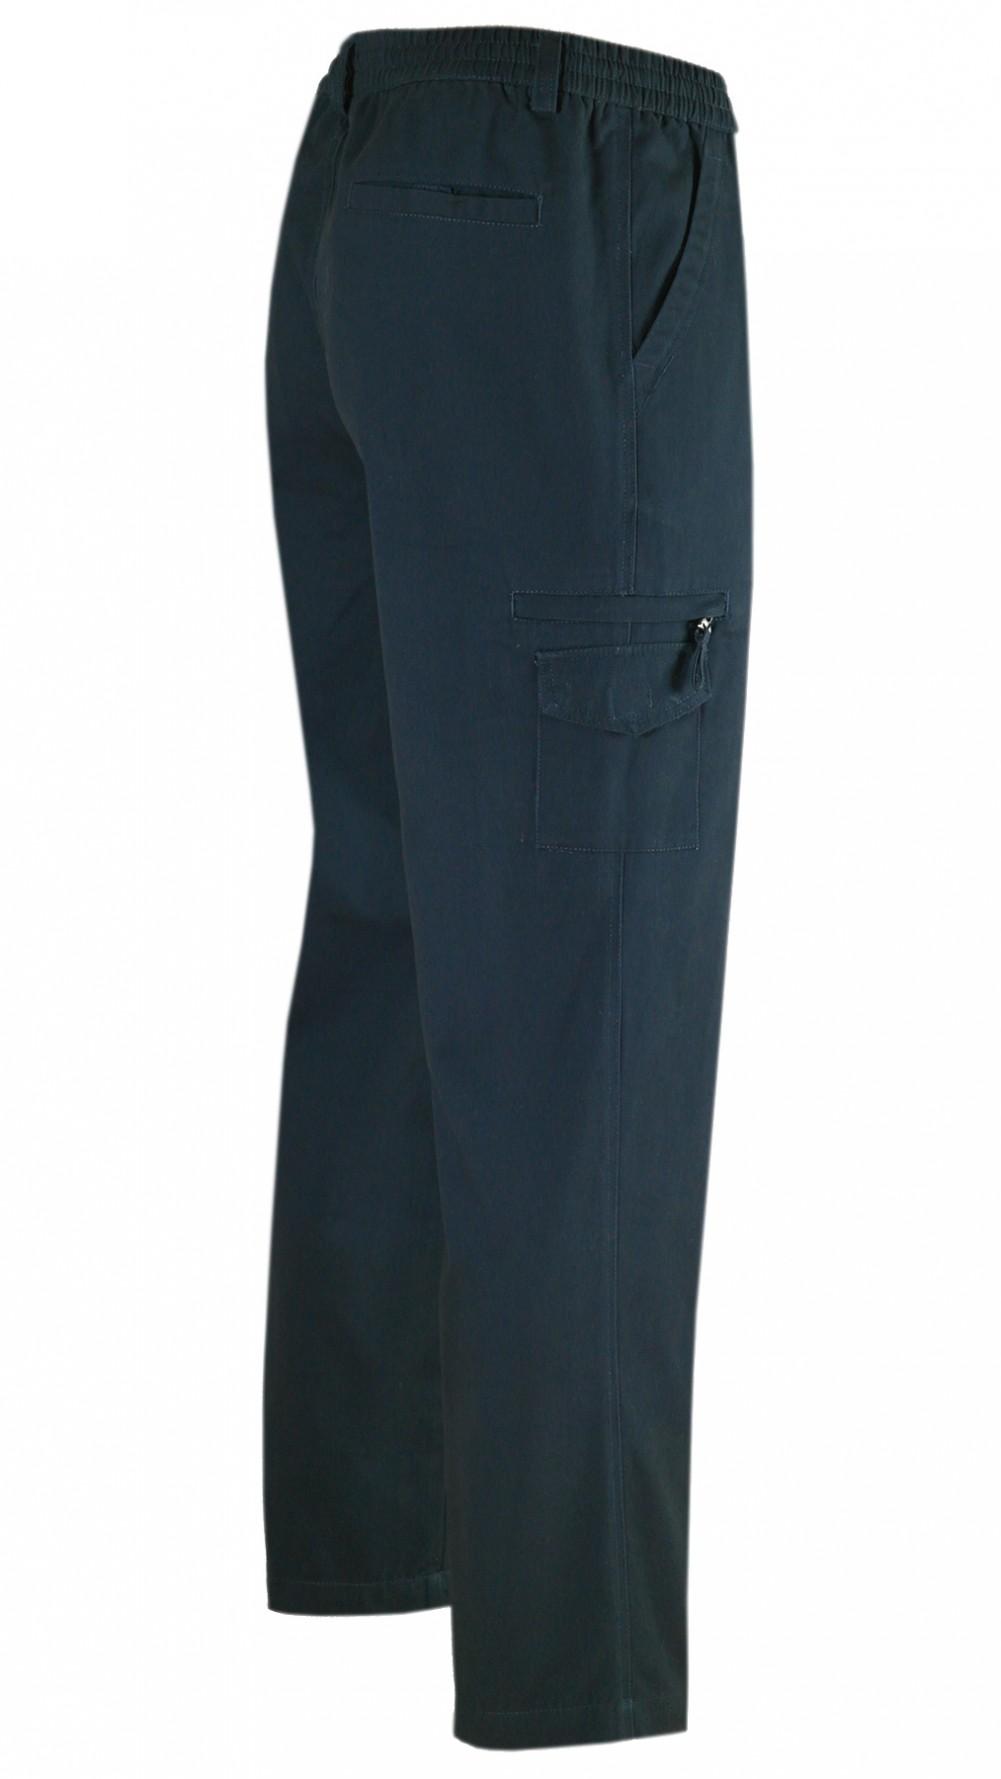 Dehnbund Hose Herren 100% Baumwolle - Navy/Seitenansicht